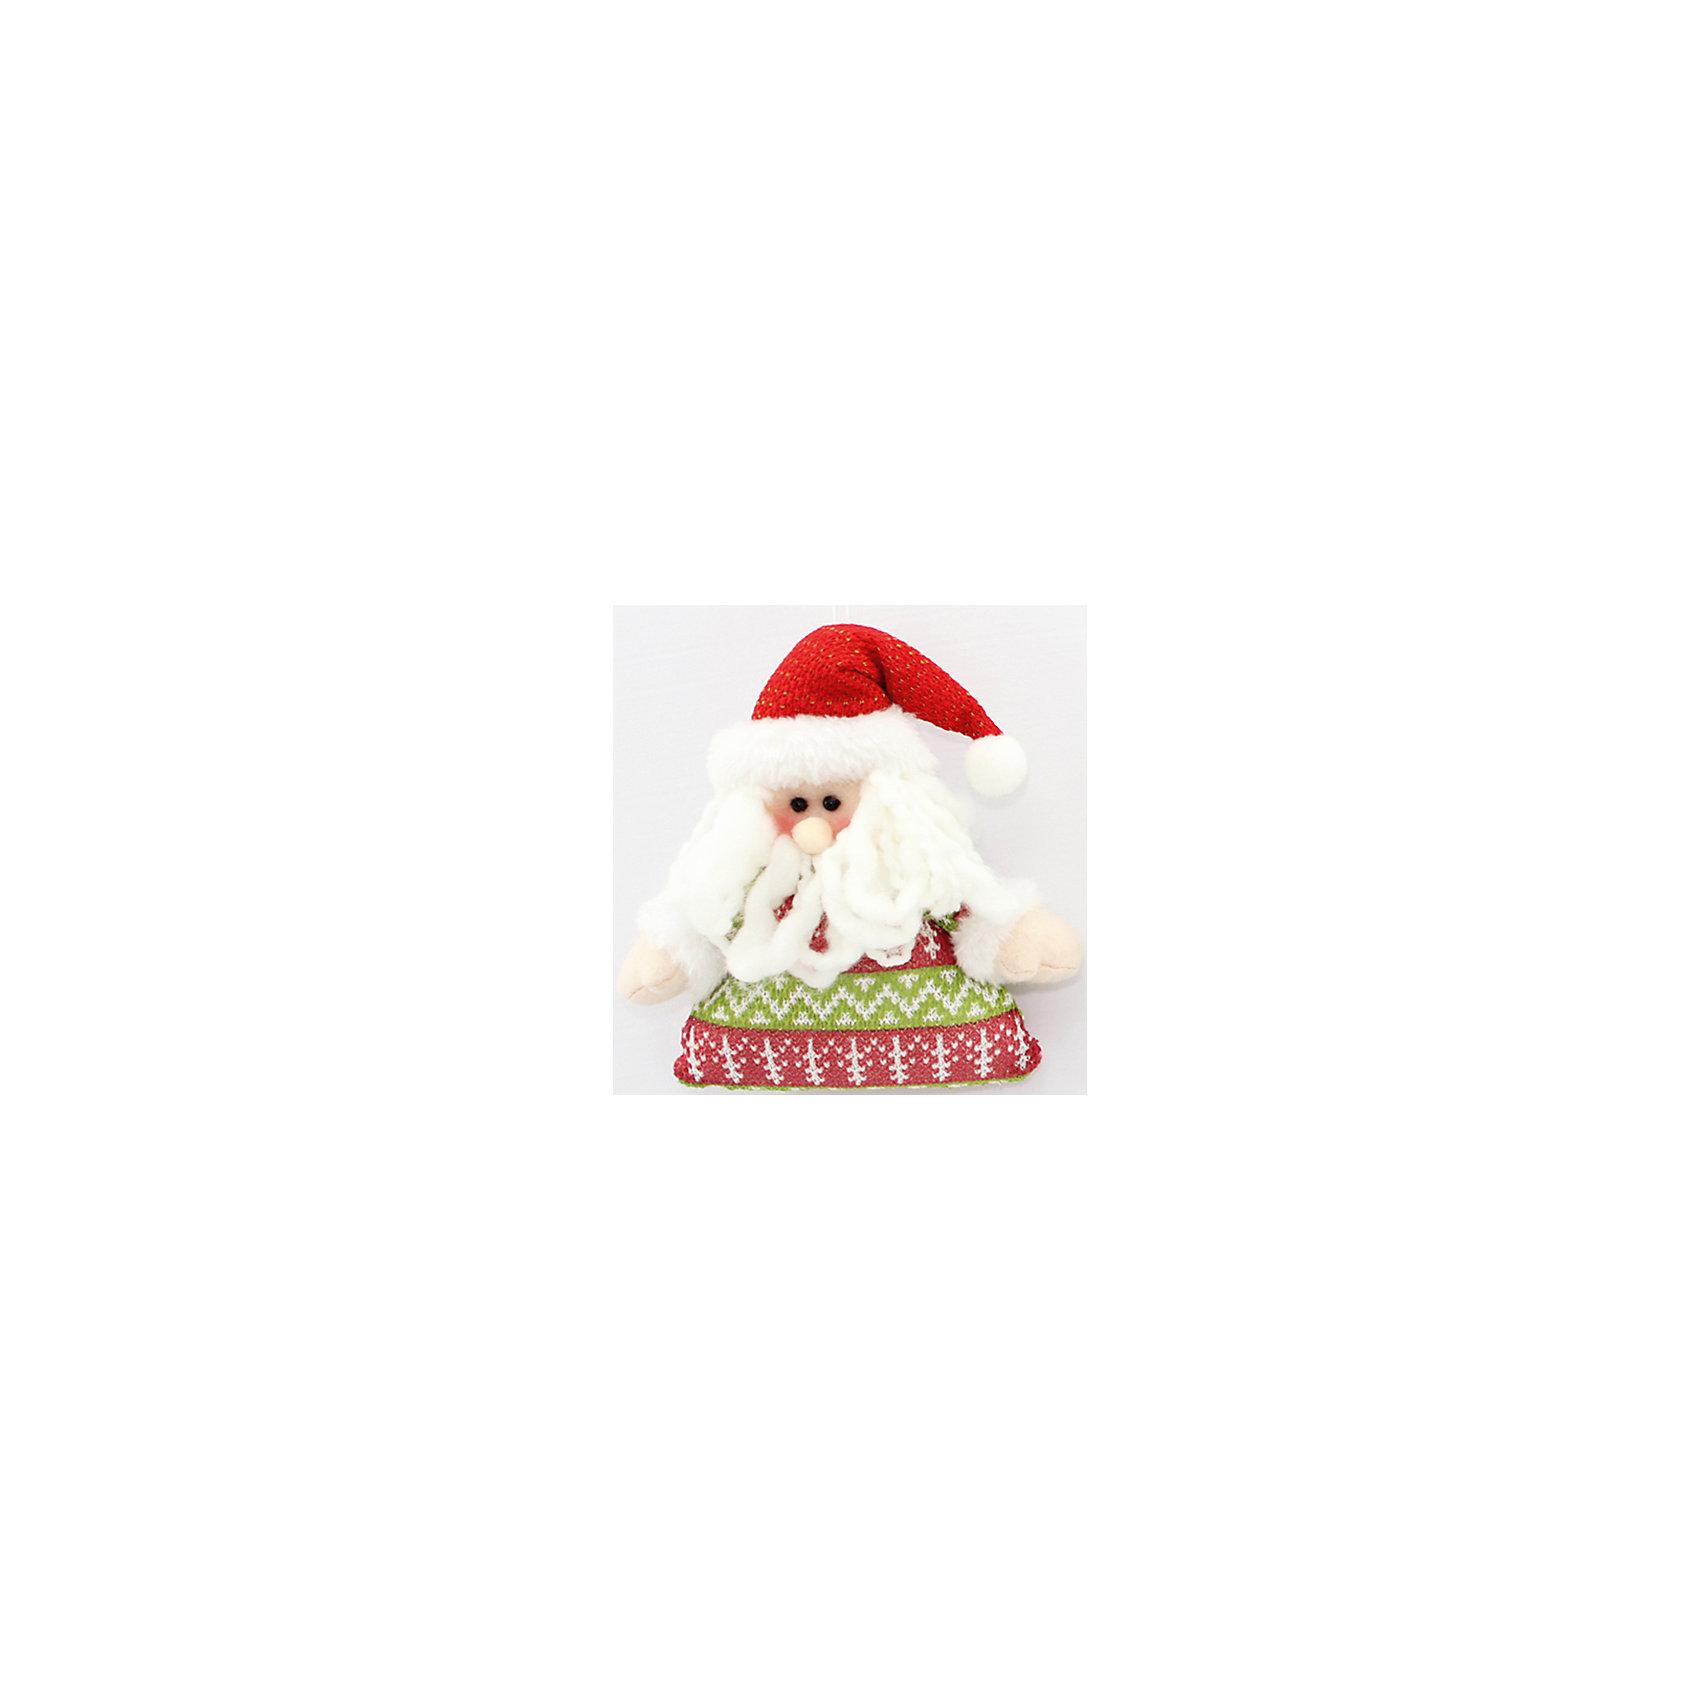 Феникс-Презент Новогоднее подвесное украшение Санта 15,3см новогоднее подвесное украшение феникс презент кленовый лист